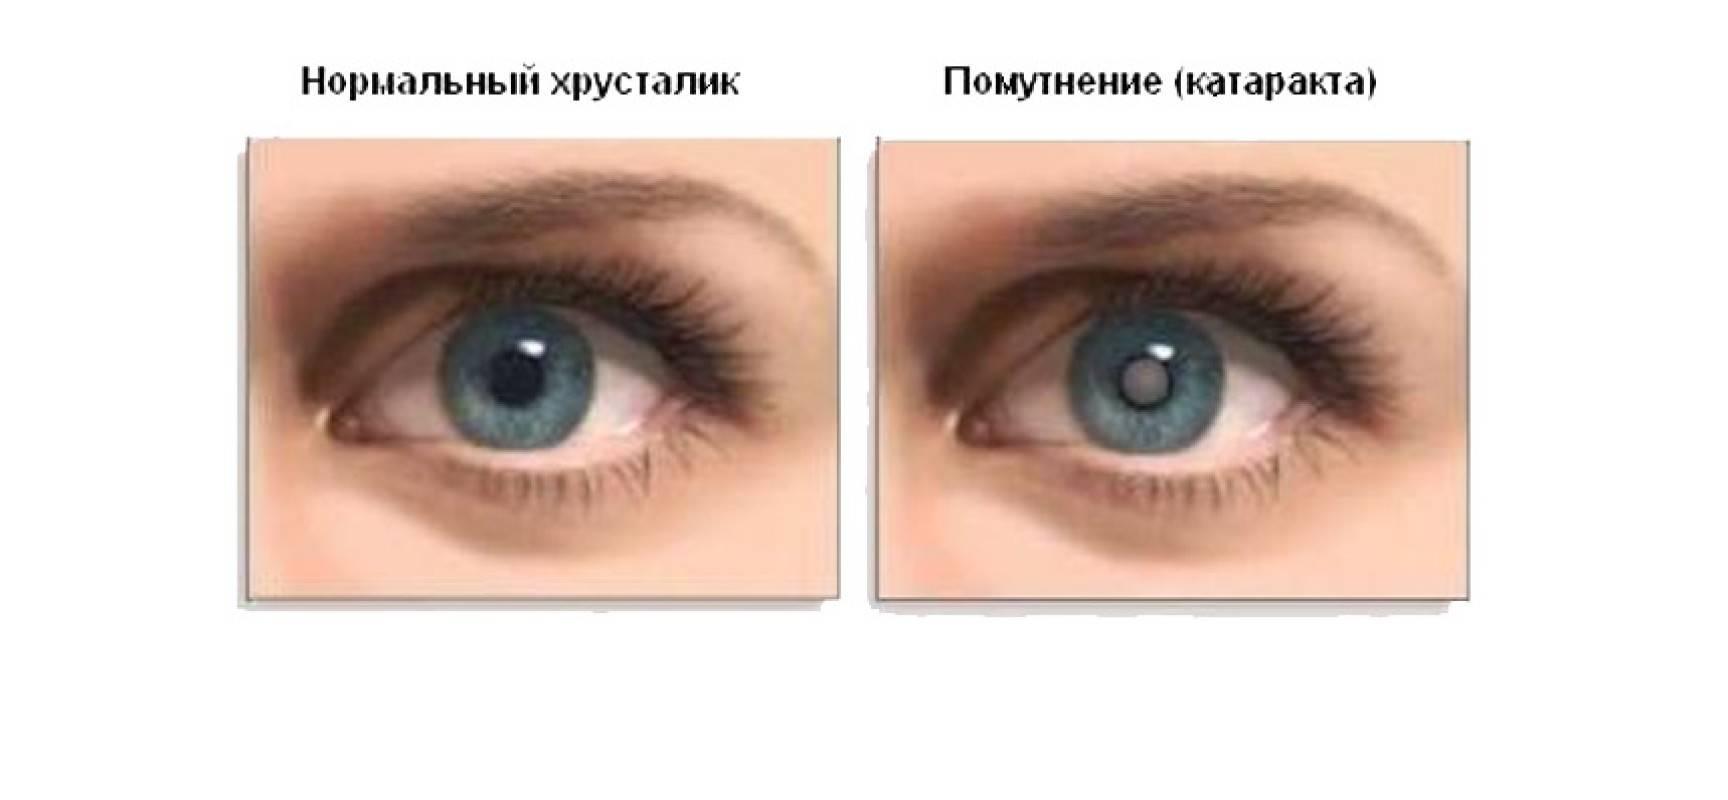 Катаракта глаза. причины, симптомы и лечение катаракты